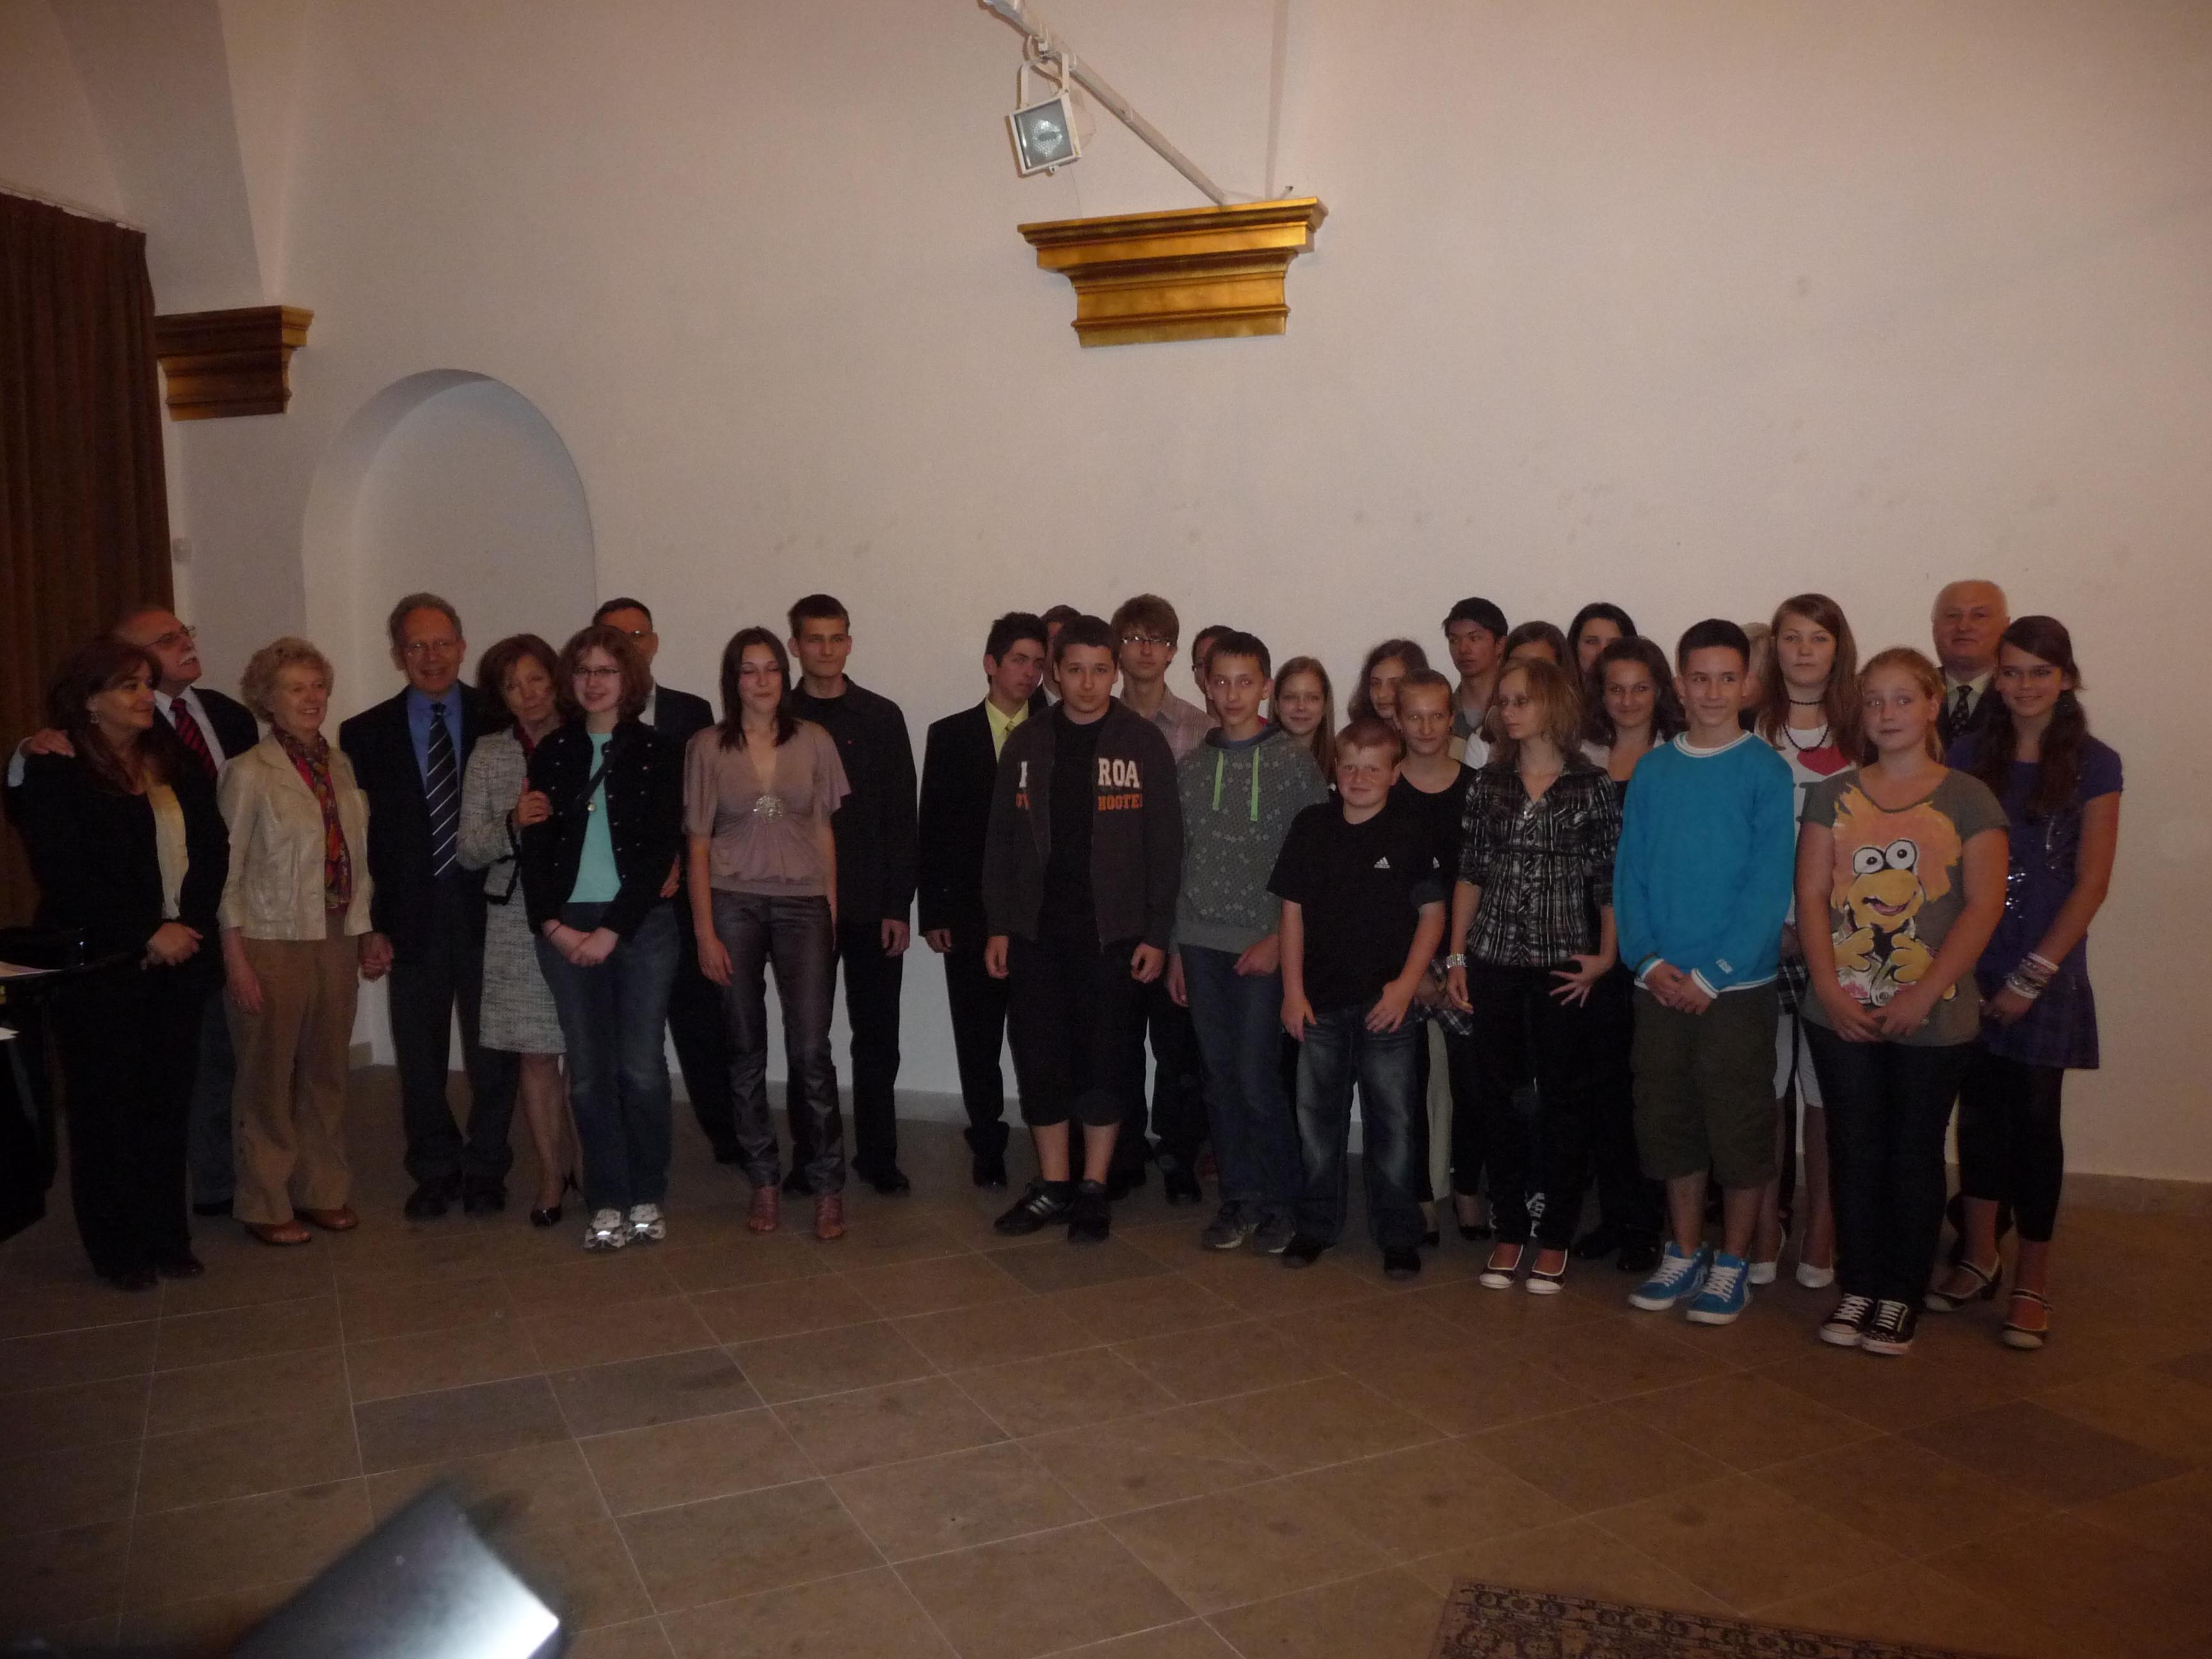 Hodžov novinový článok 2010. Slávnostné vyhodnotenie celoslovenskej literárnej súťaže.